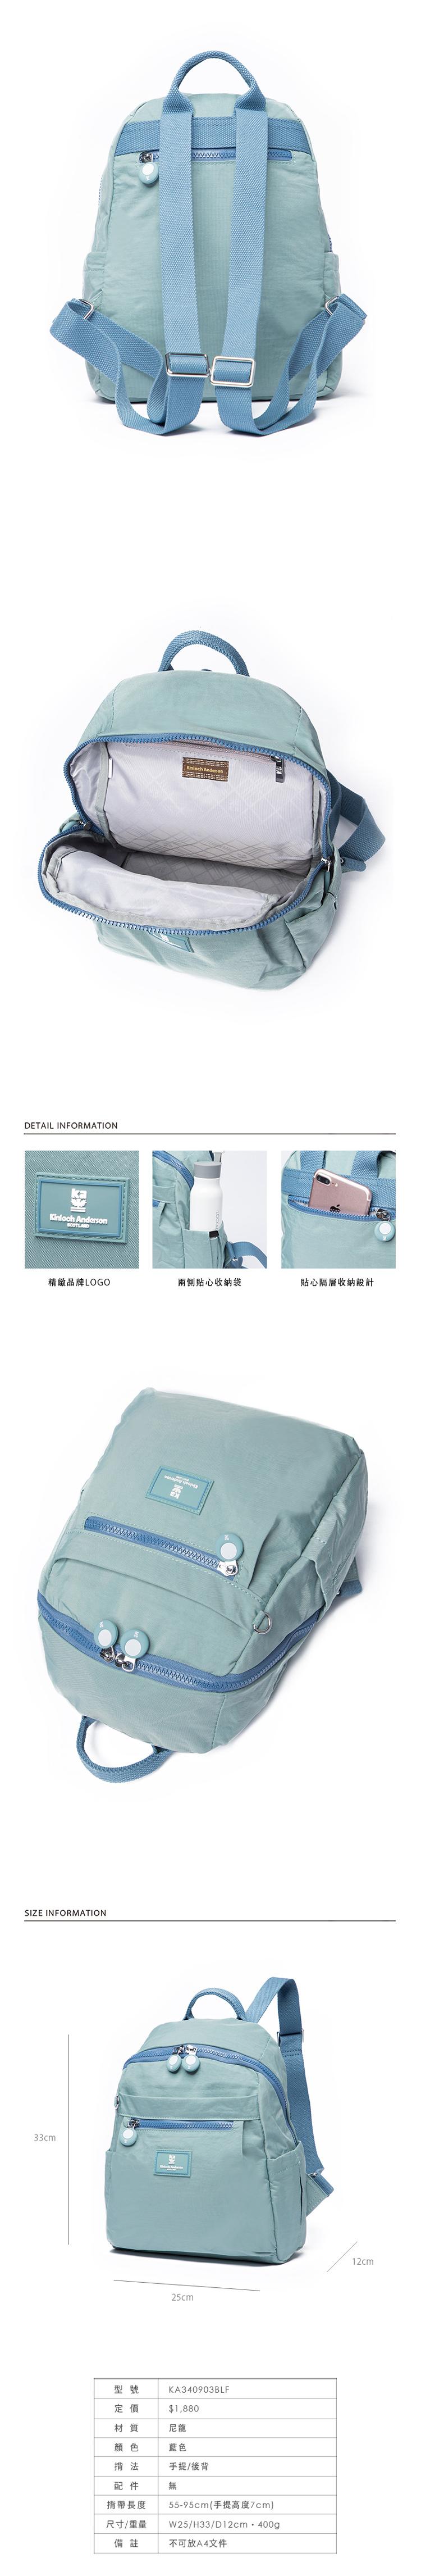 KA340903BLF-store